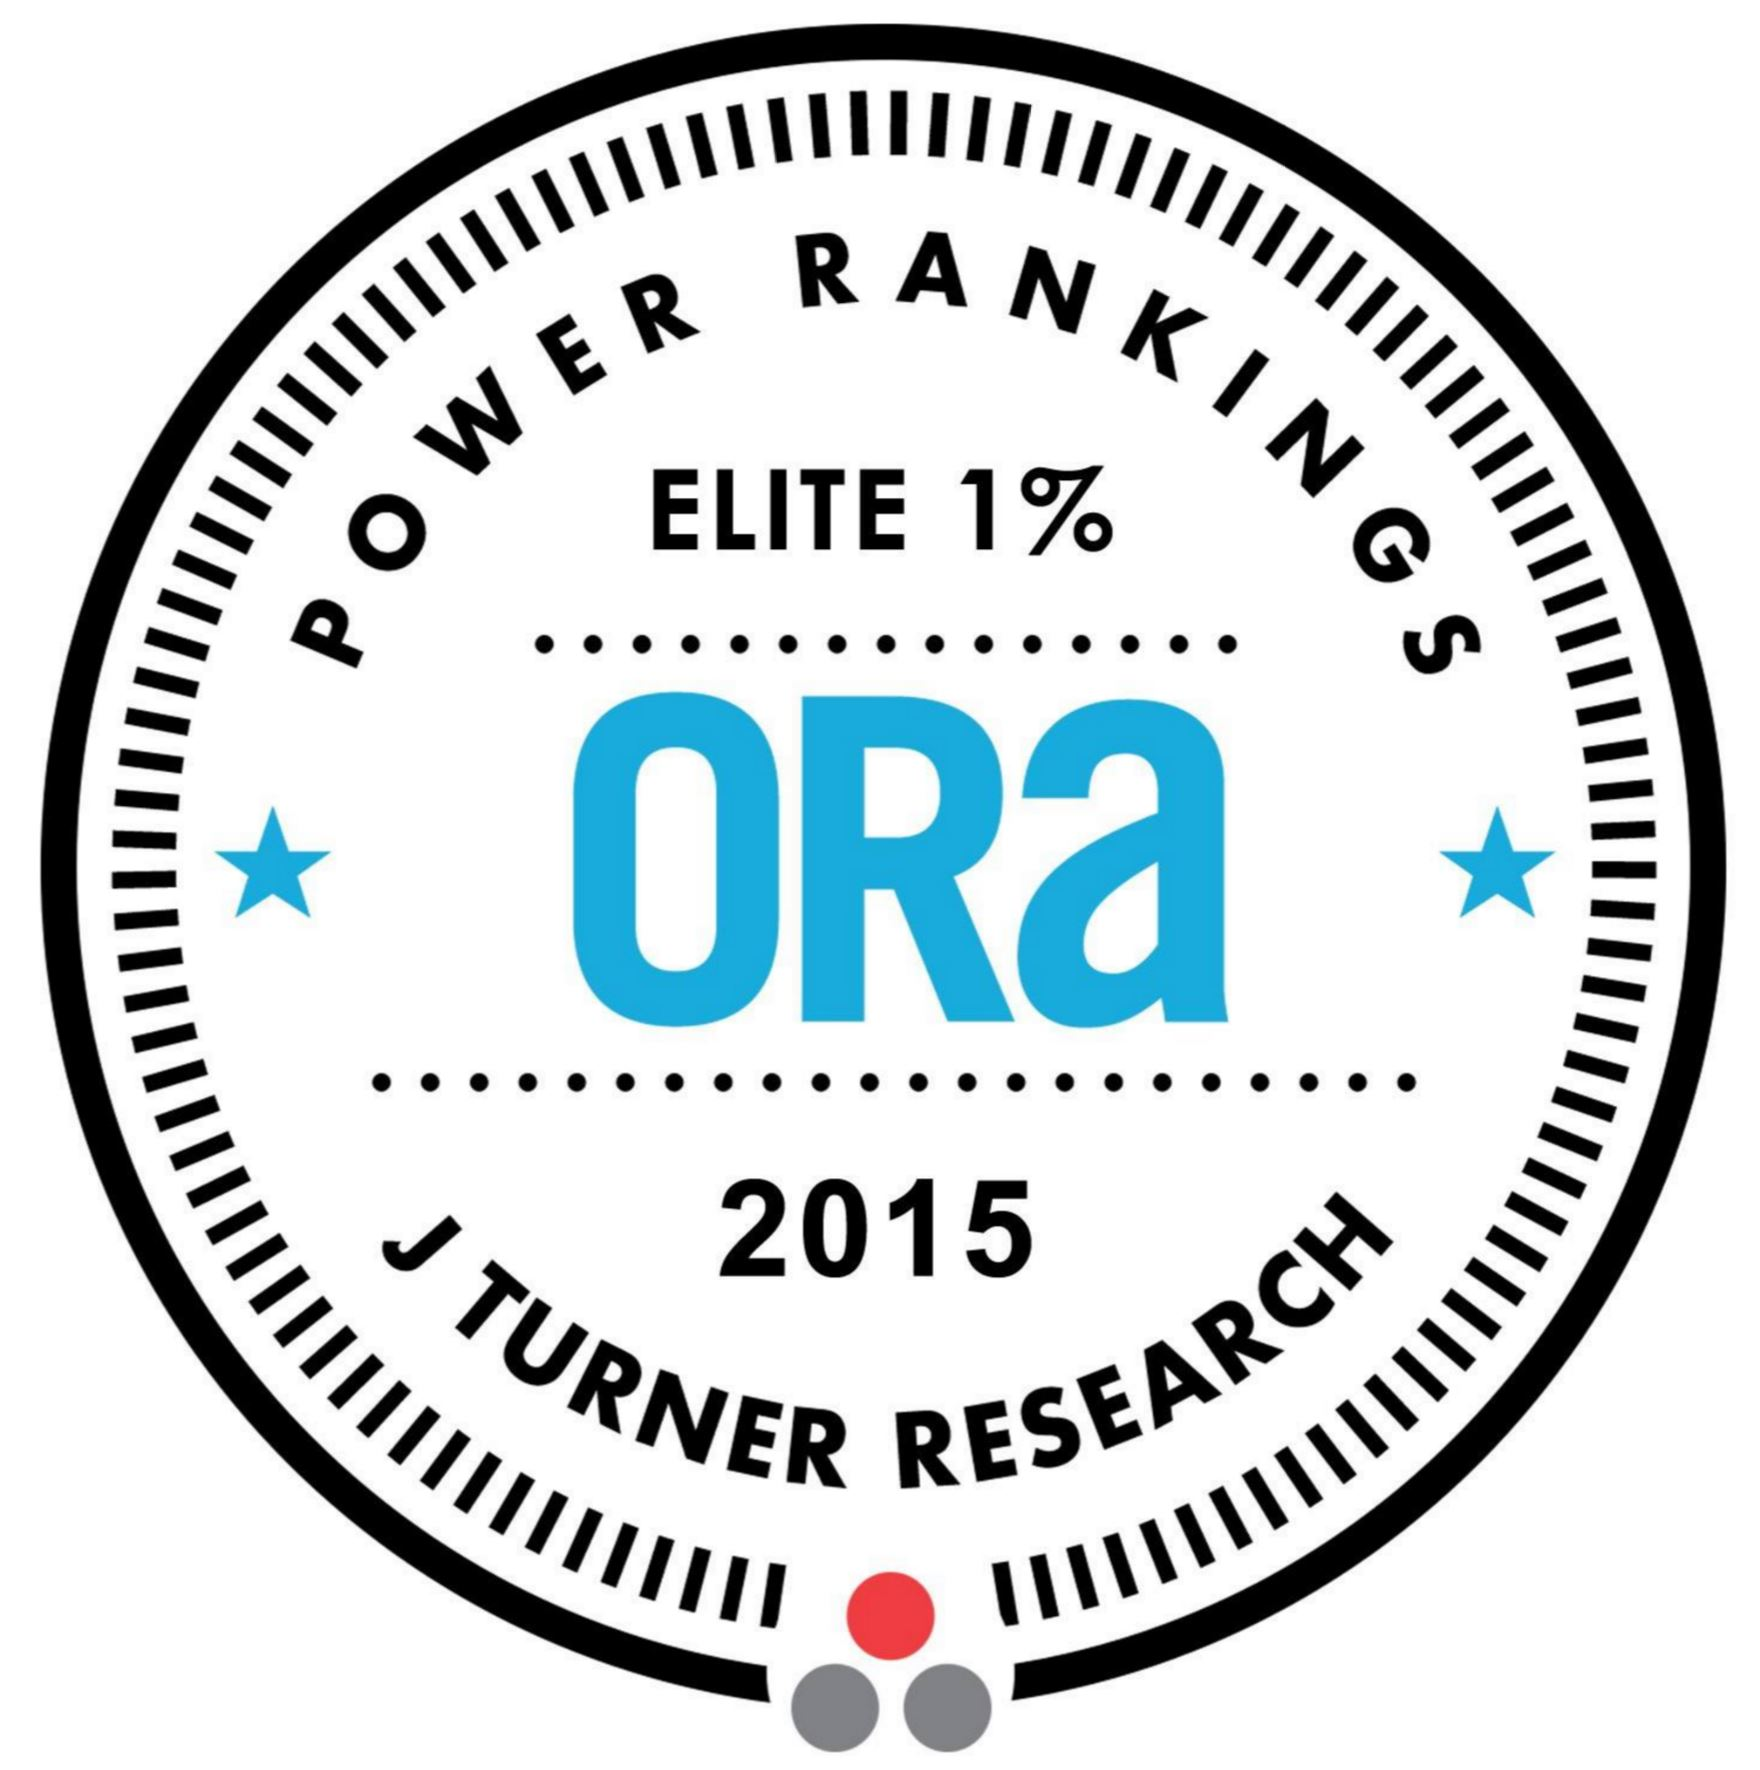 ORA power rankings j turner elite